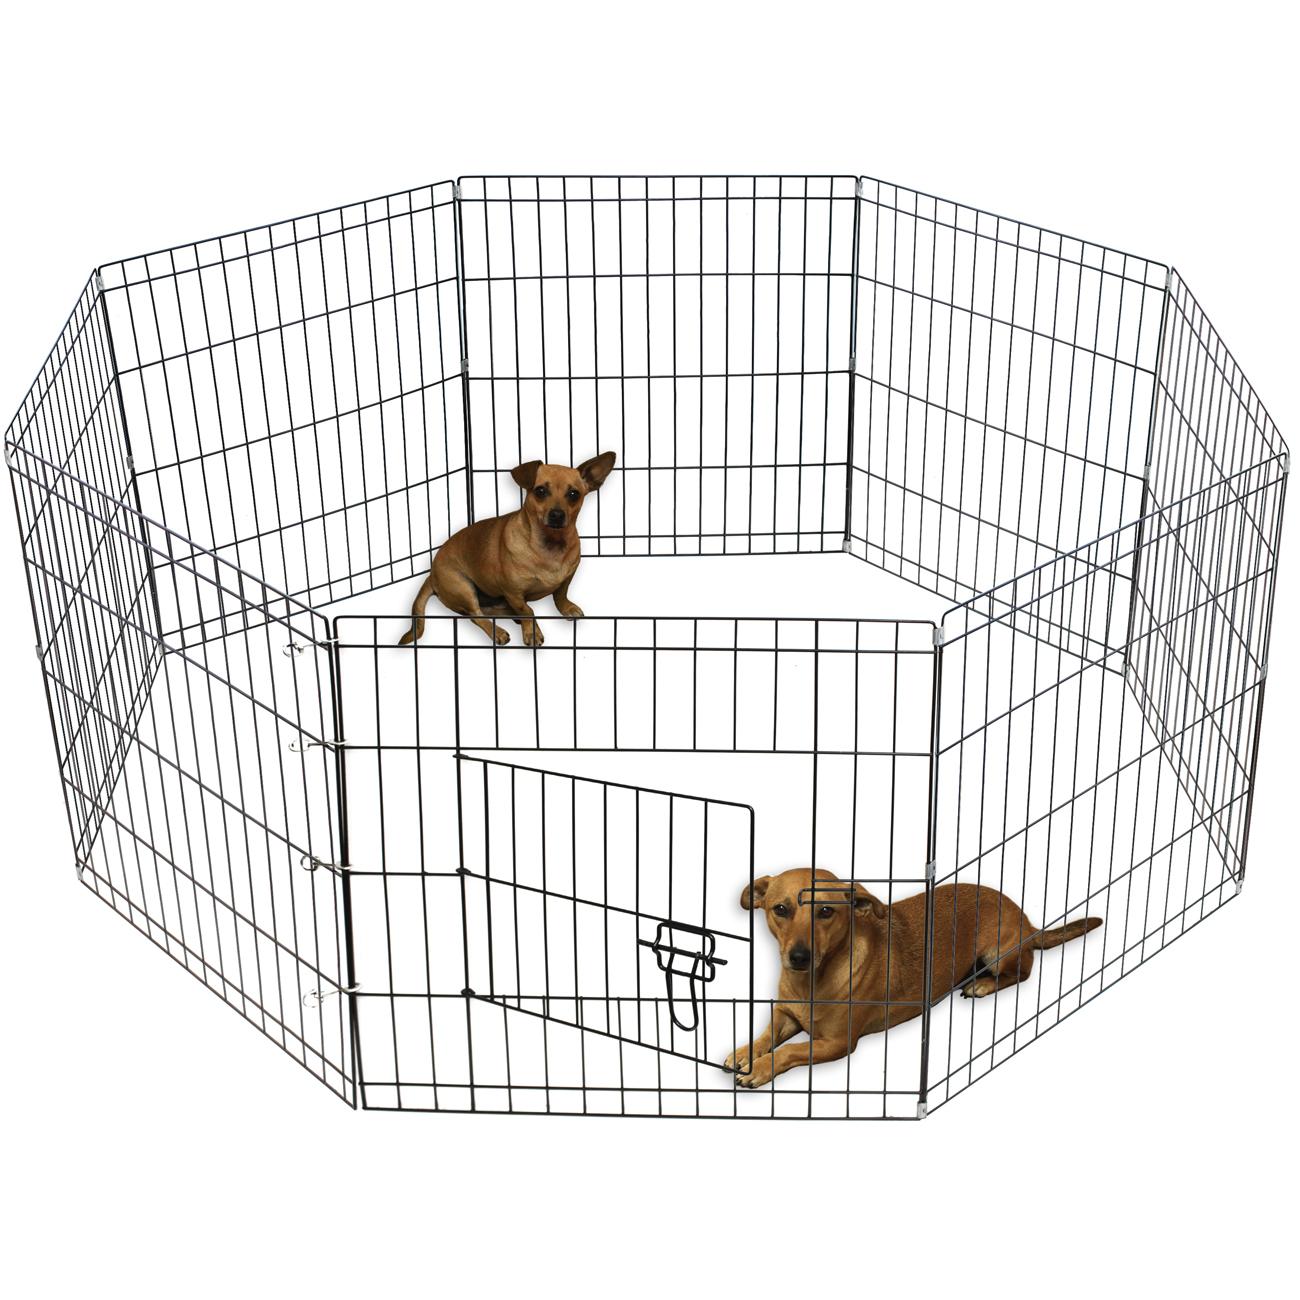 Oxgord Metal Wire Adjustable Pet Playpen